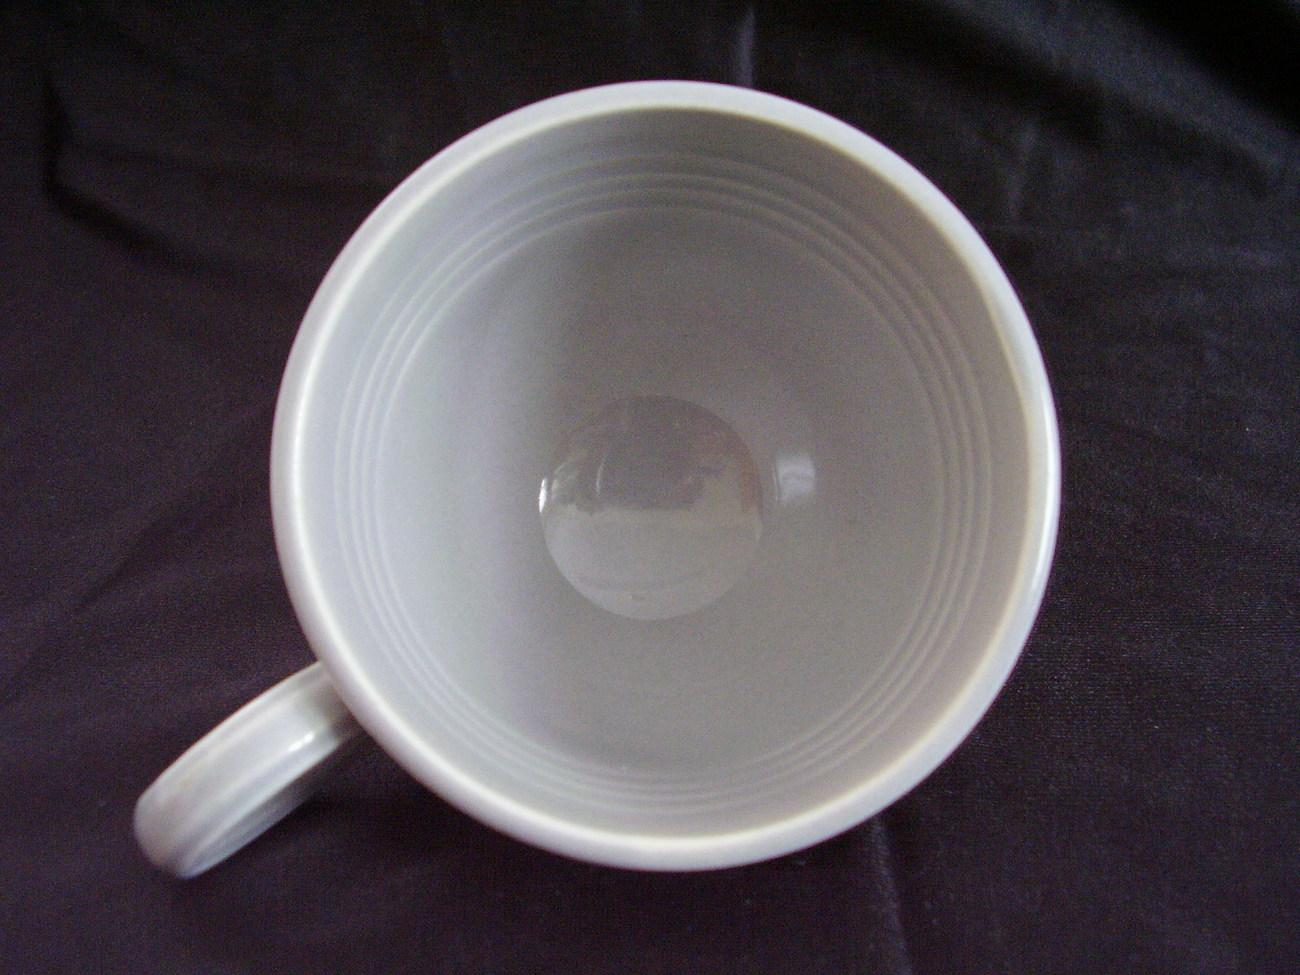 Vintage Fiestaware Gray Ring Handled Coffee Cup Fiesta